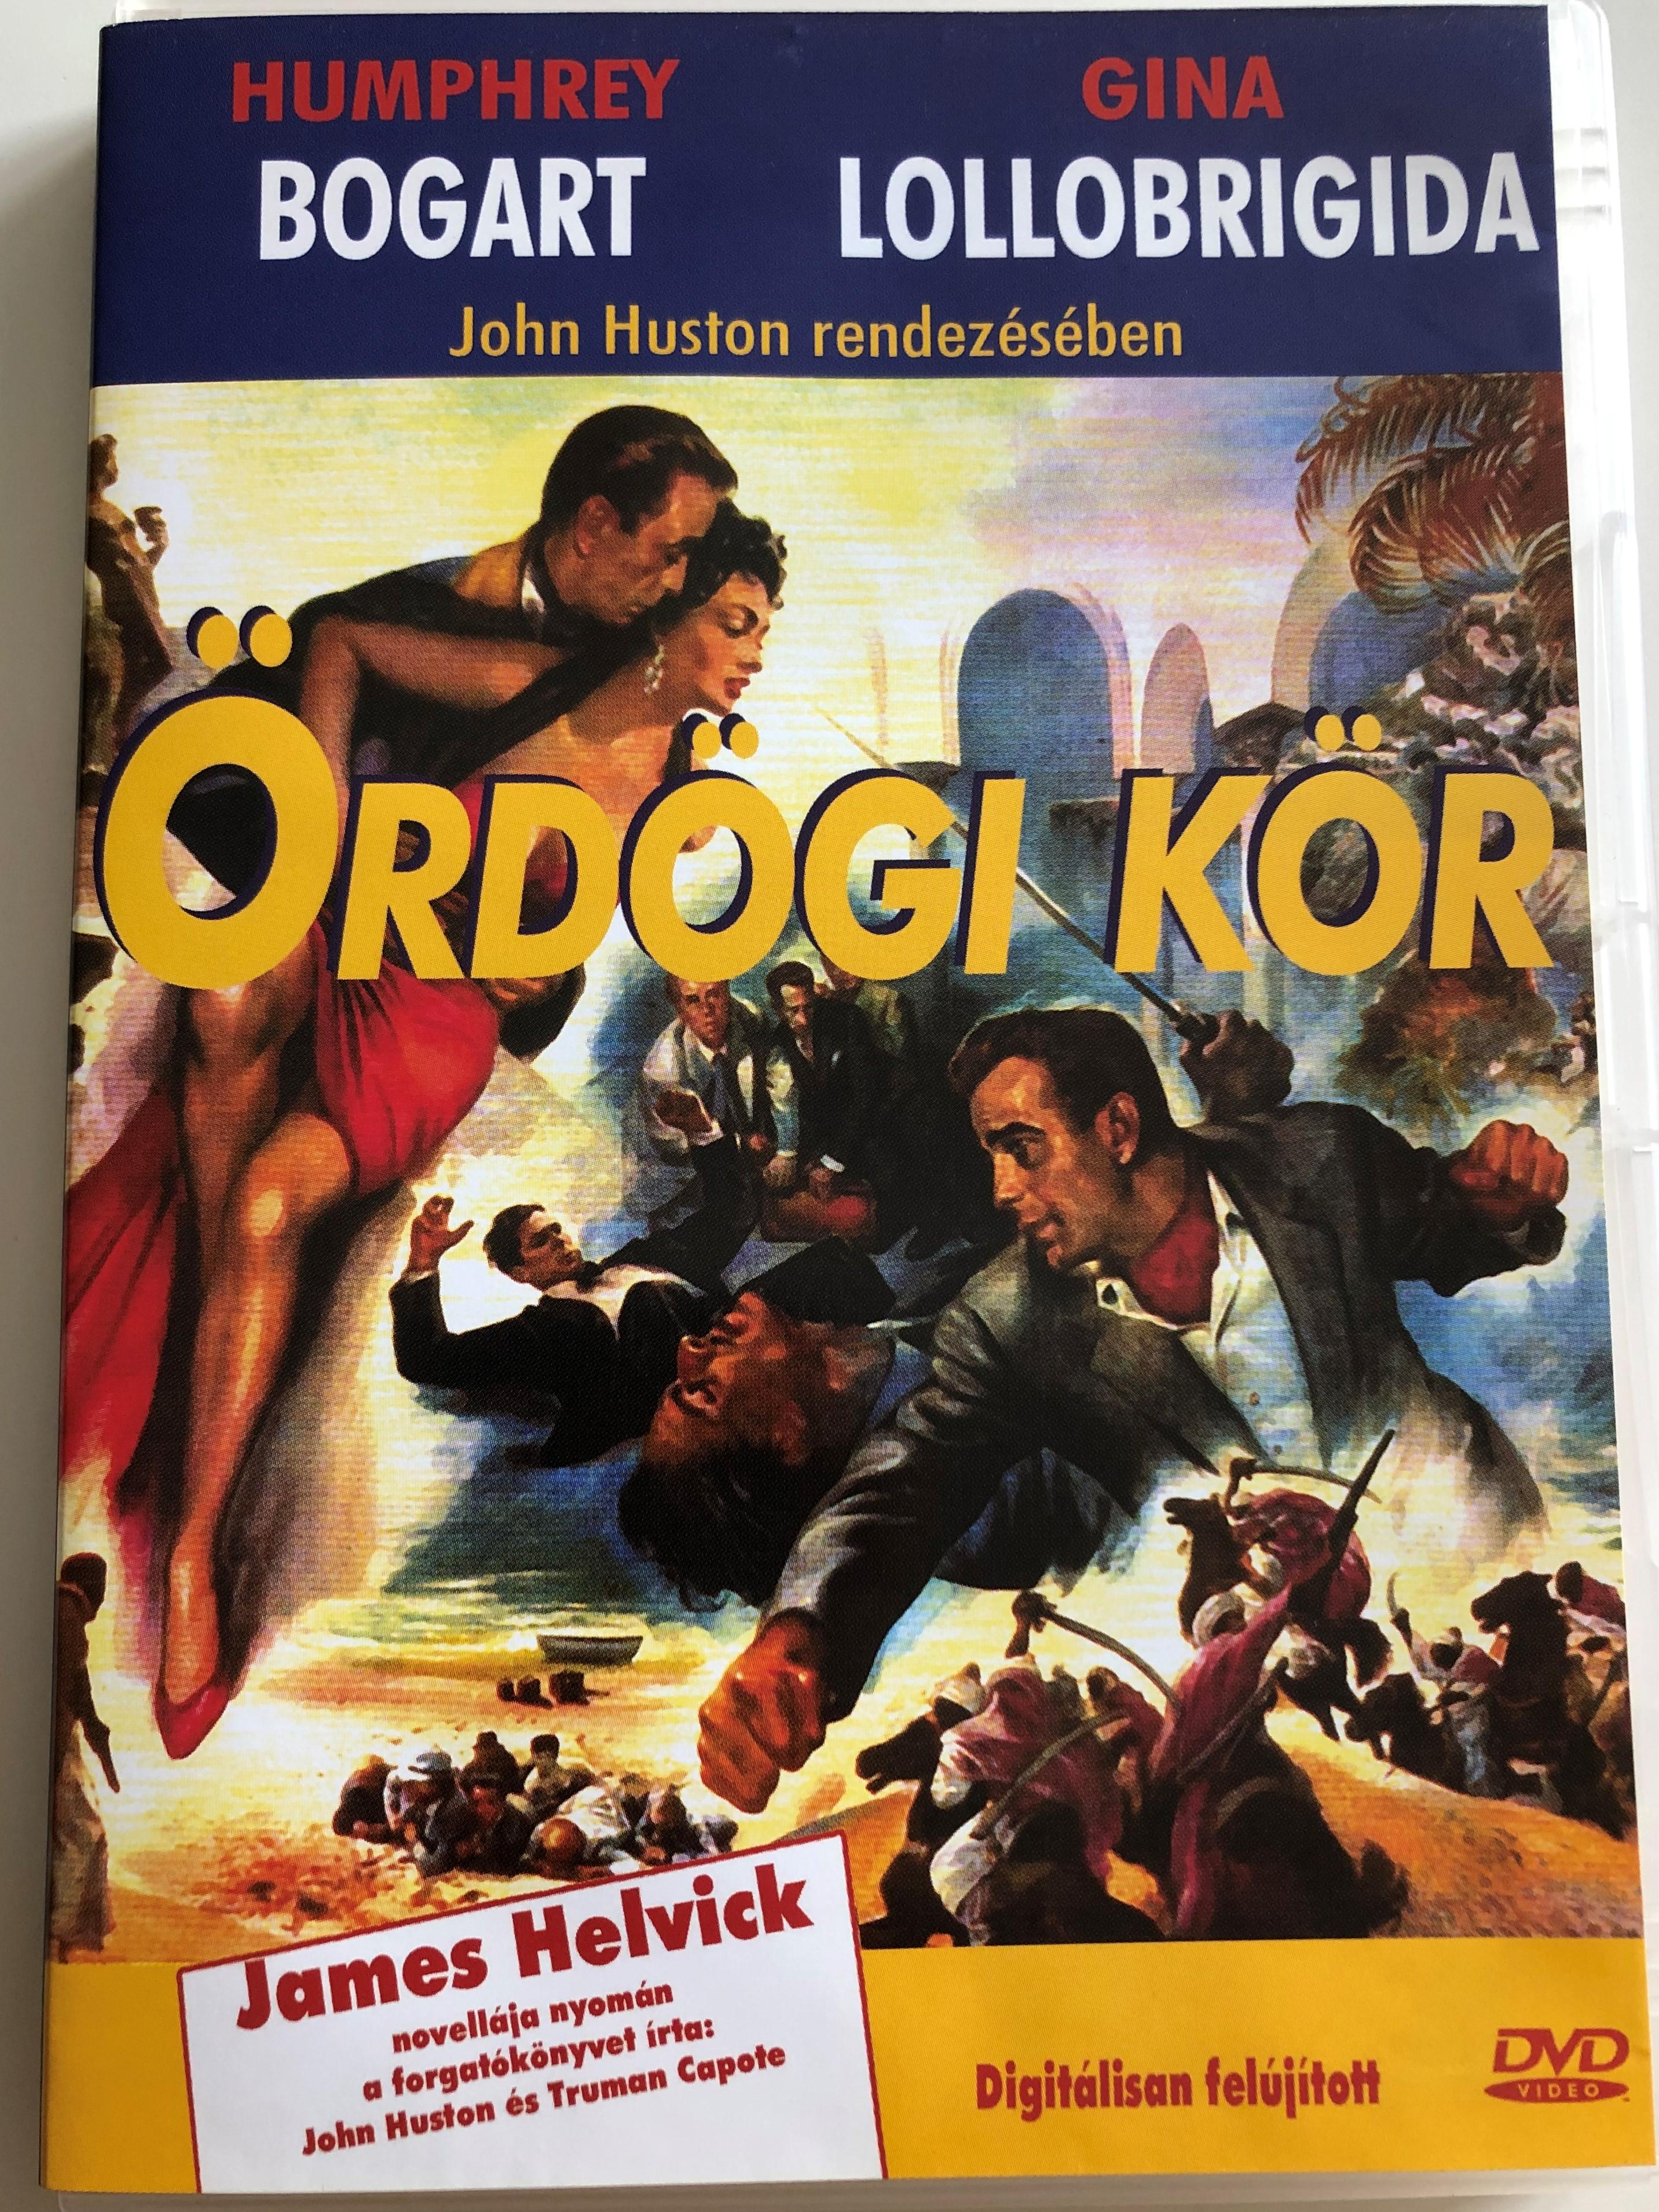 beat-the-devil-dvd-1953-rd-gi-k-r-directed-by-john-huston-1.jpg